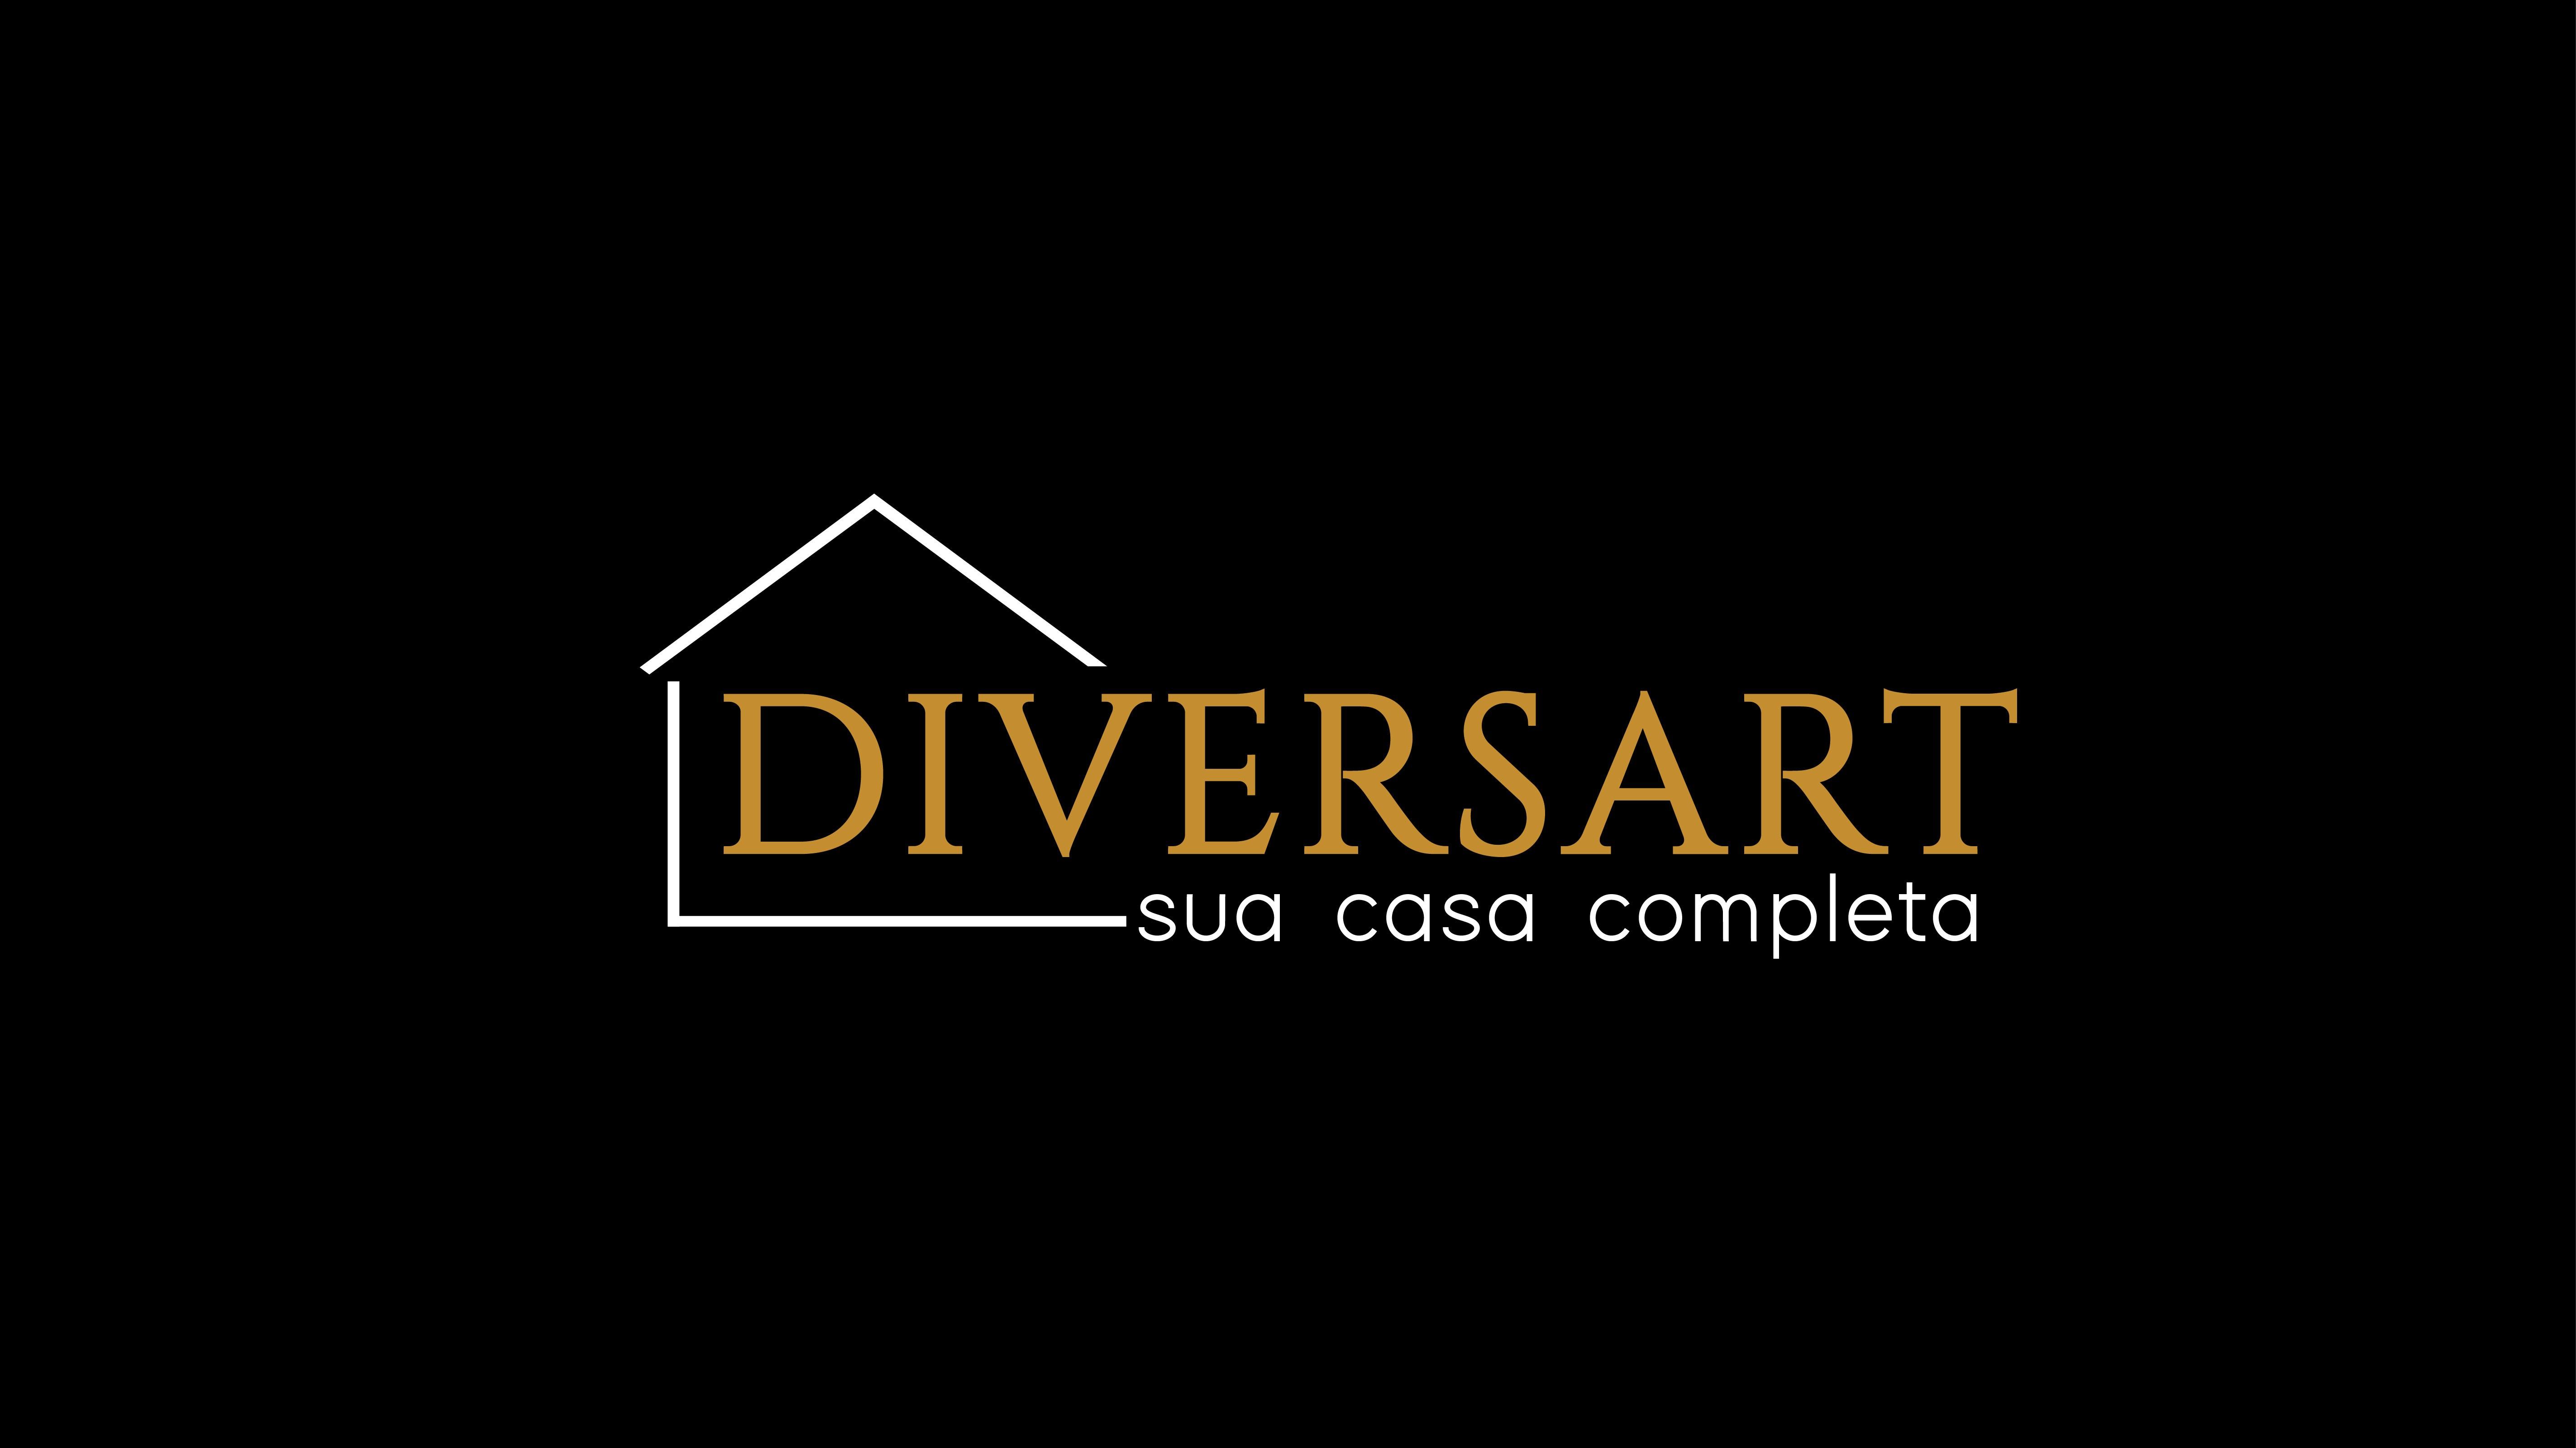 Diversart